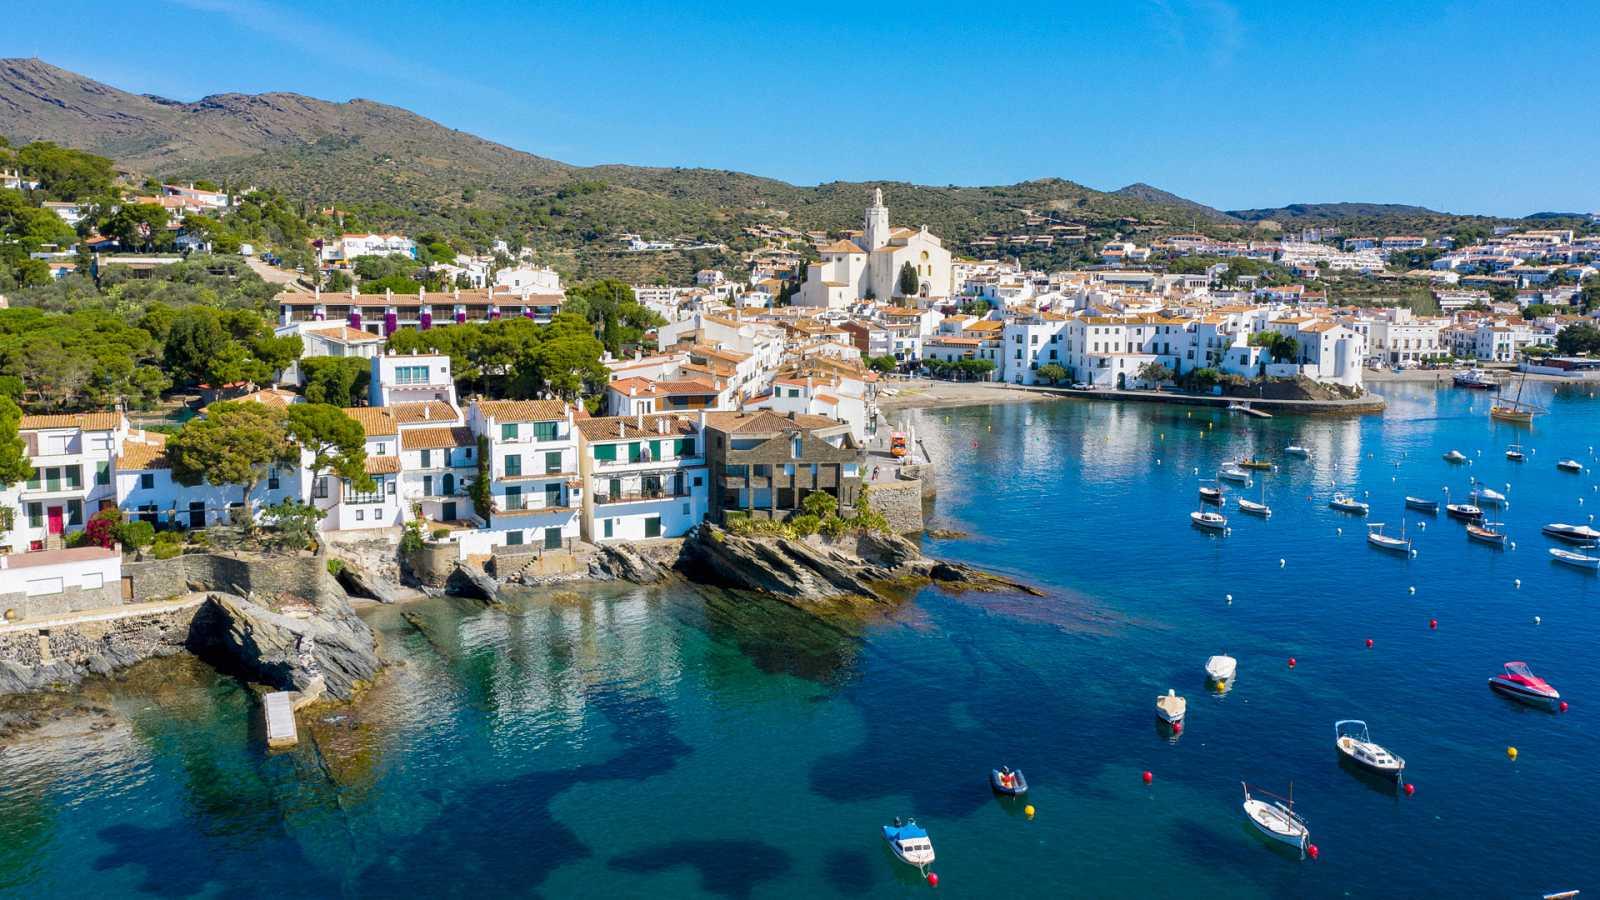 Subirán las temperaturas diurnas, salvo en el Mediterráneo y Canarias - Ver ahora